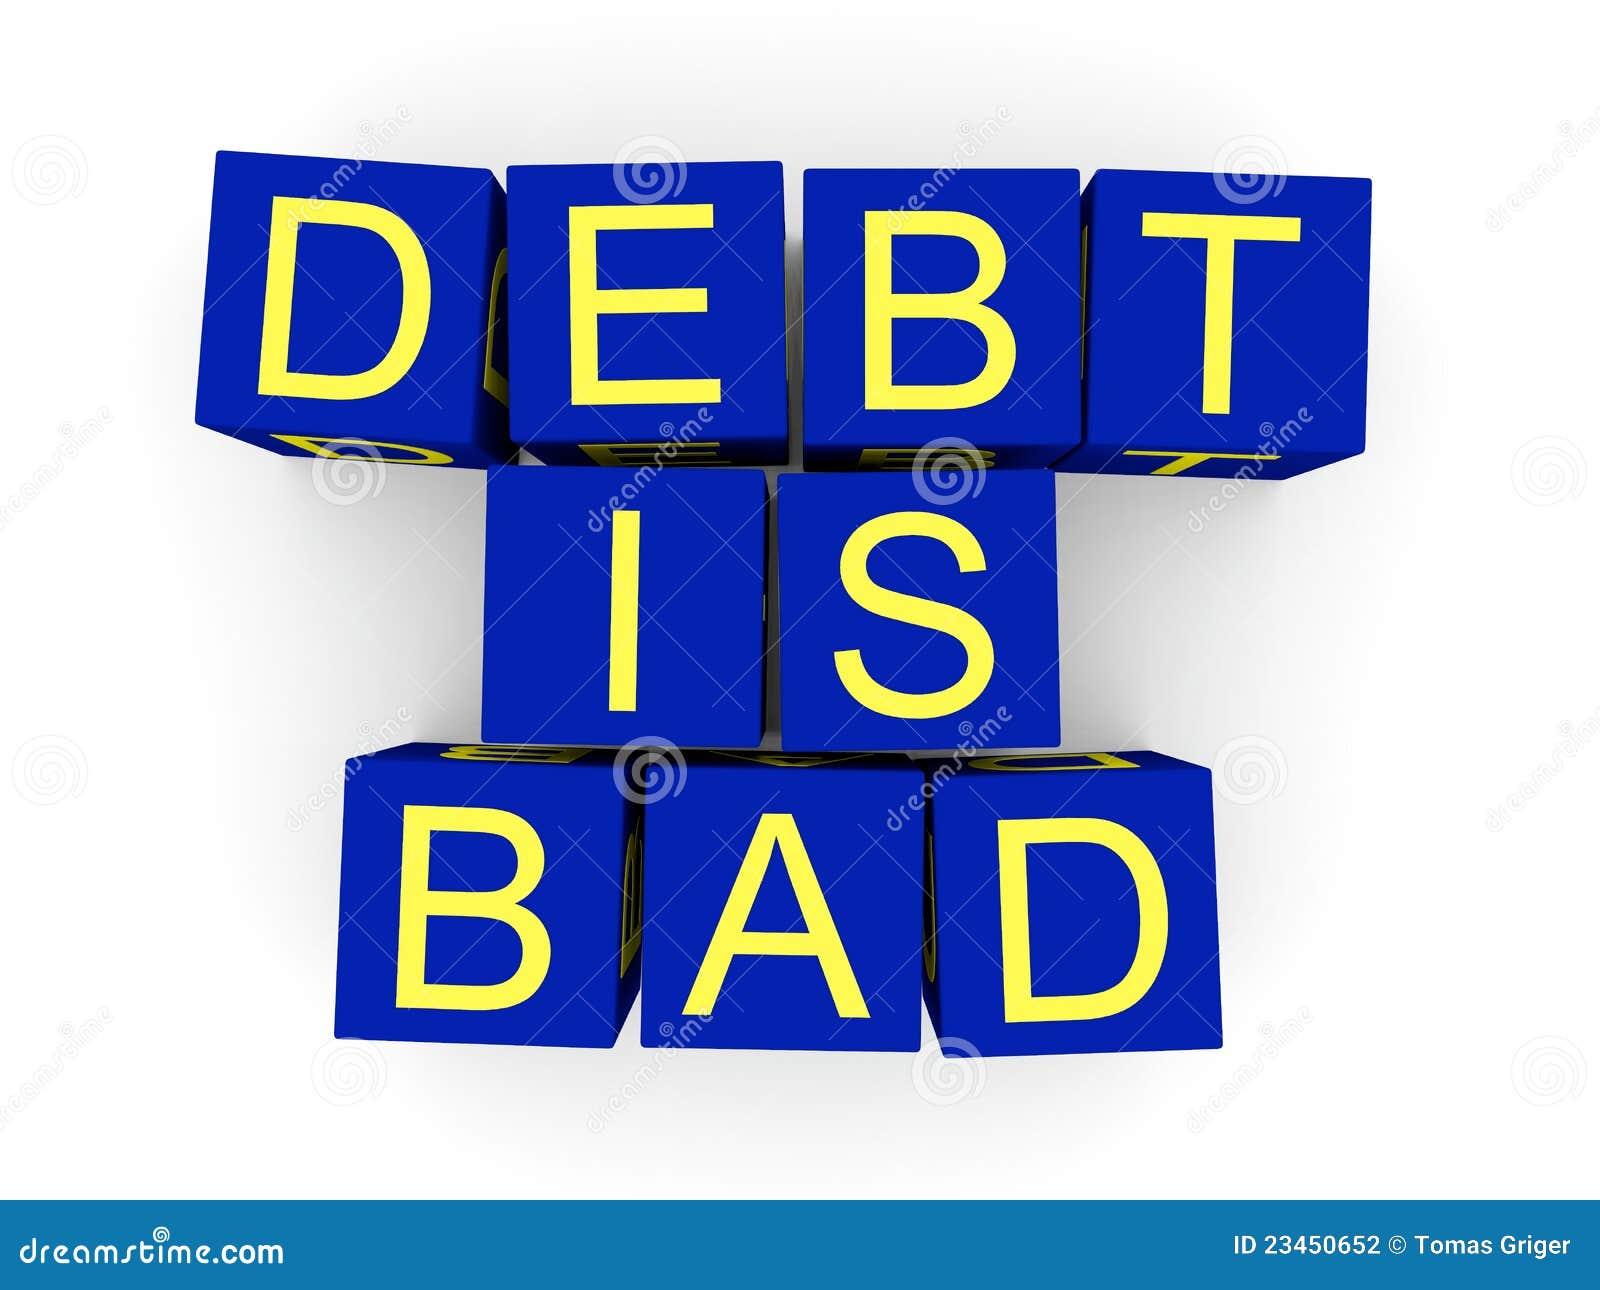 DEBT POOR